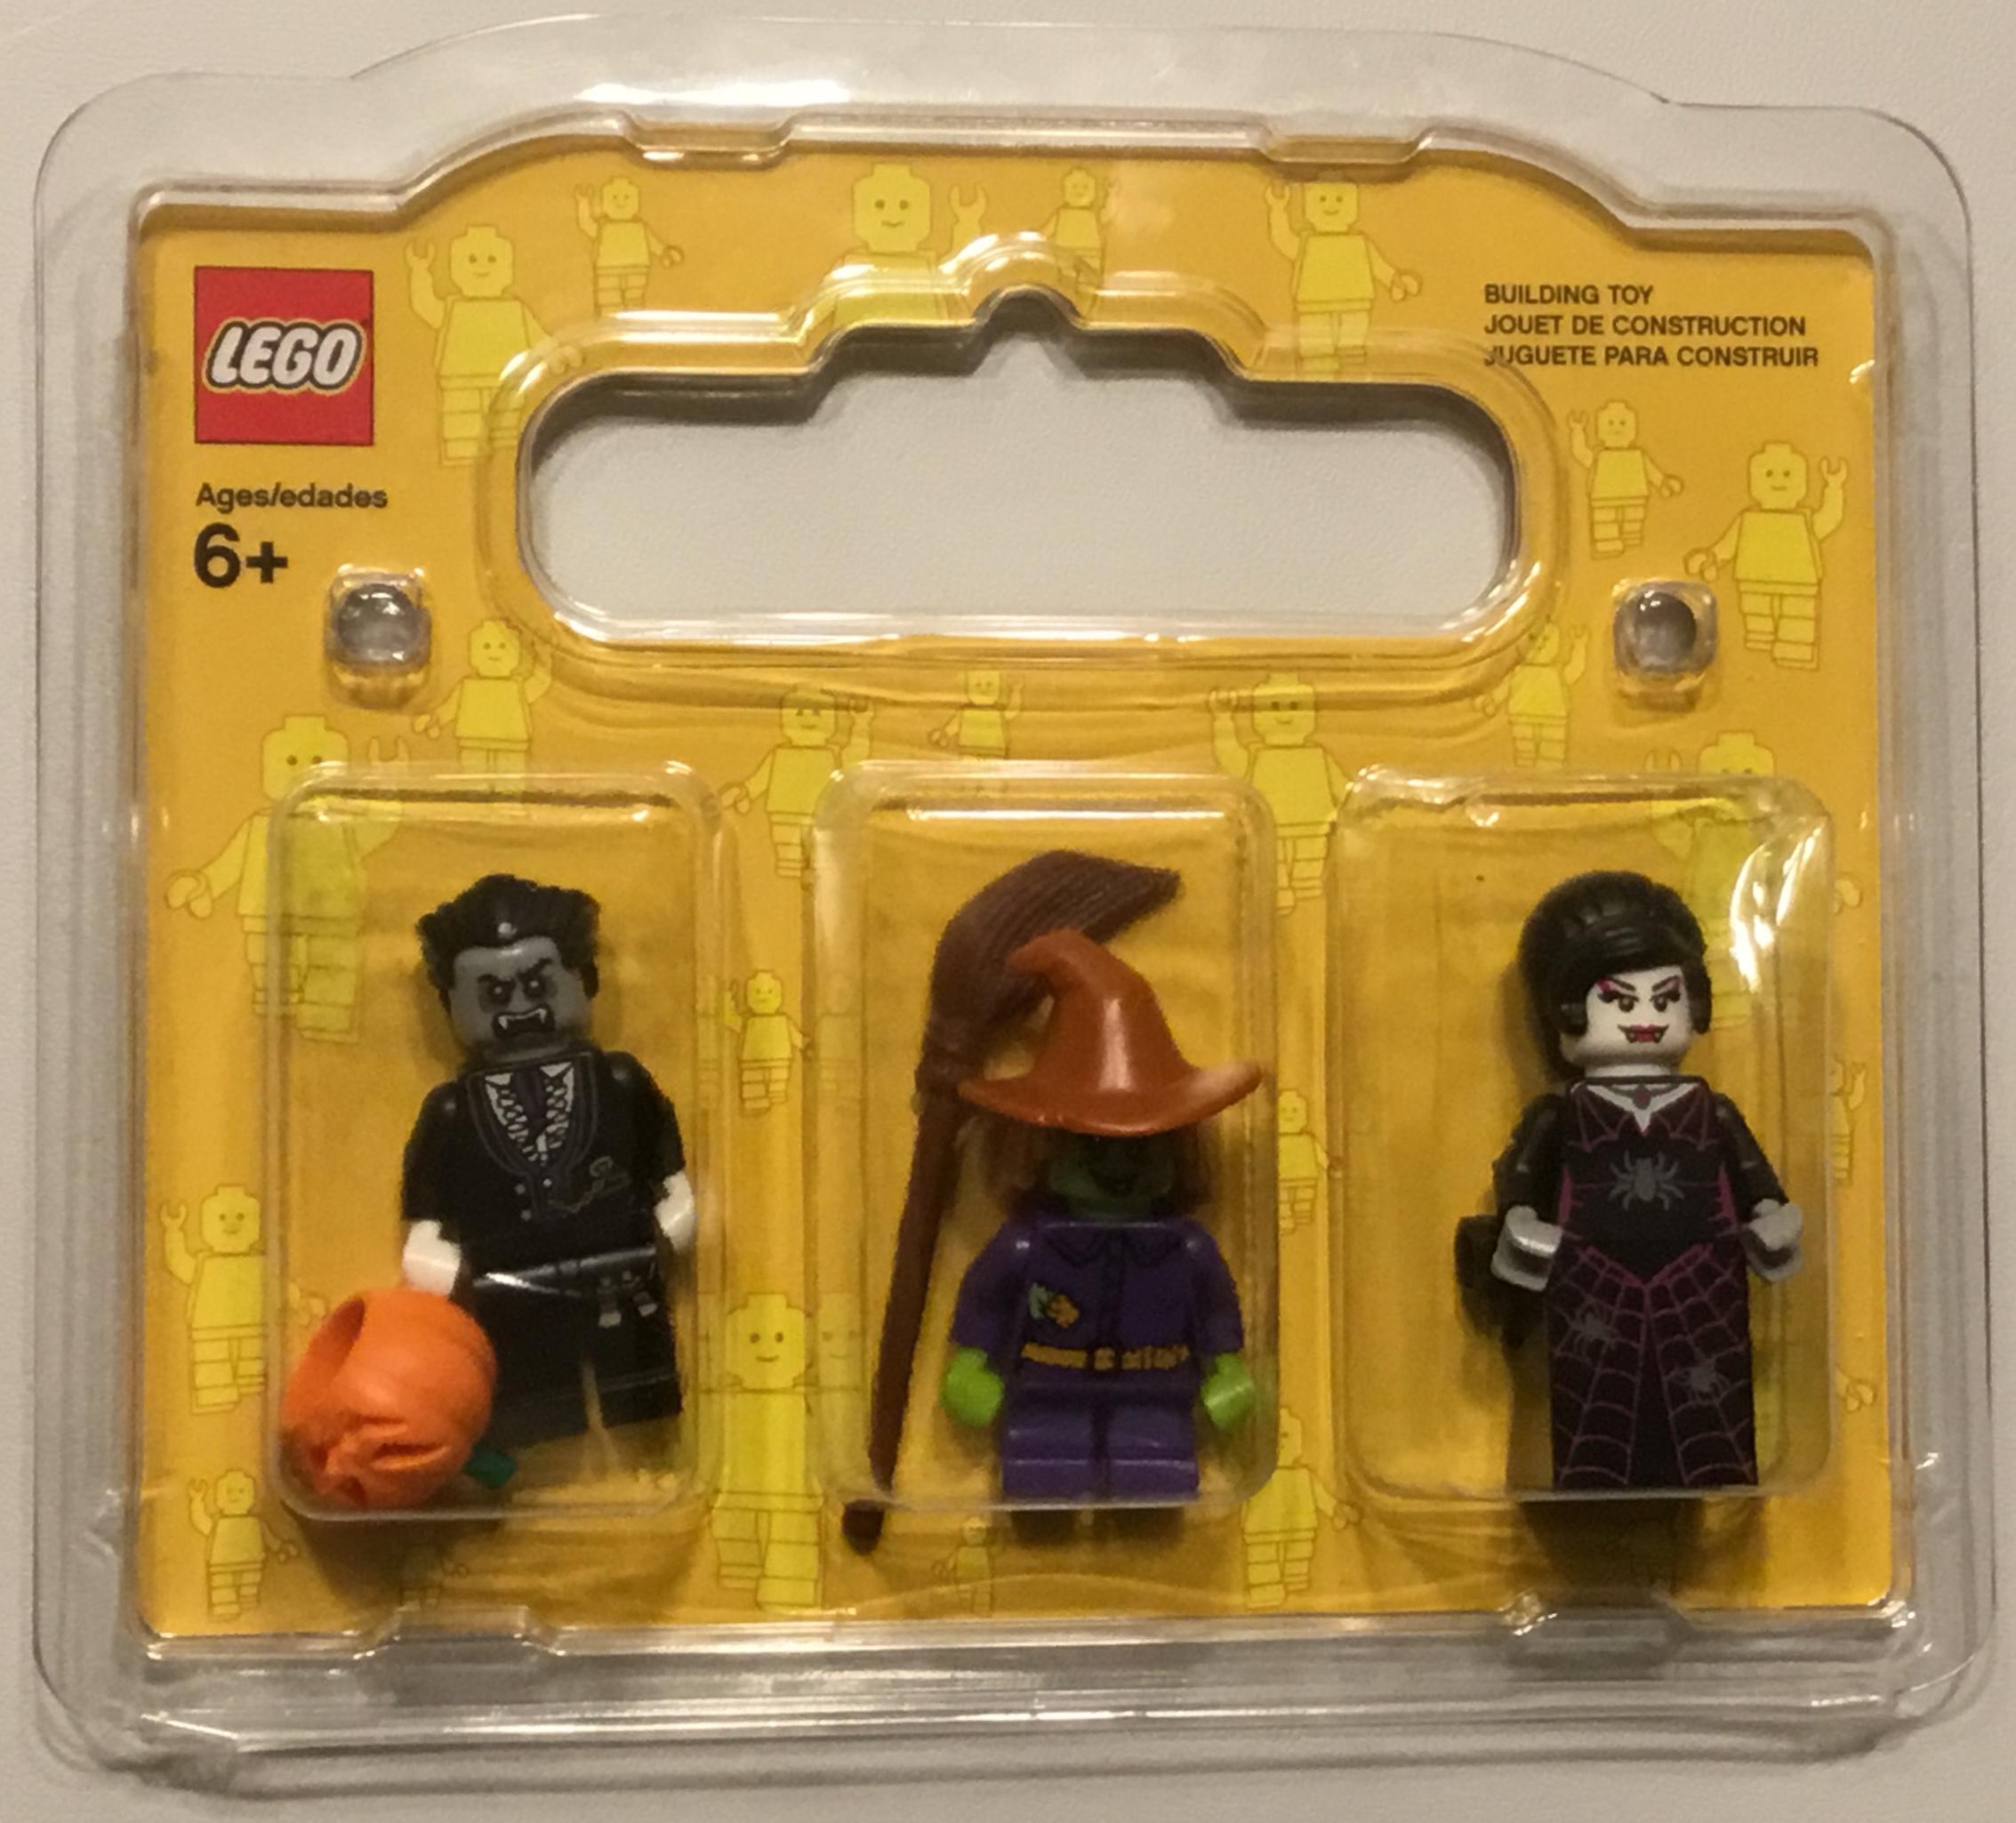 De LegoToutes Comparateur Prix Les Briques dBrCxeoWQ